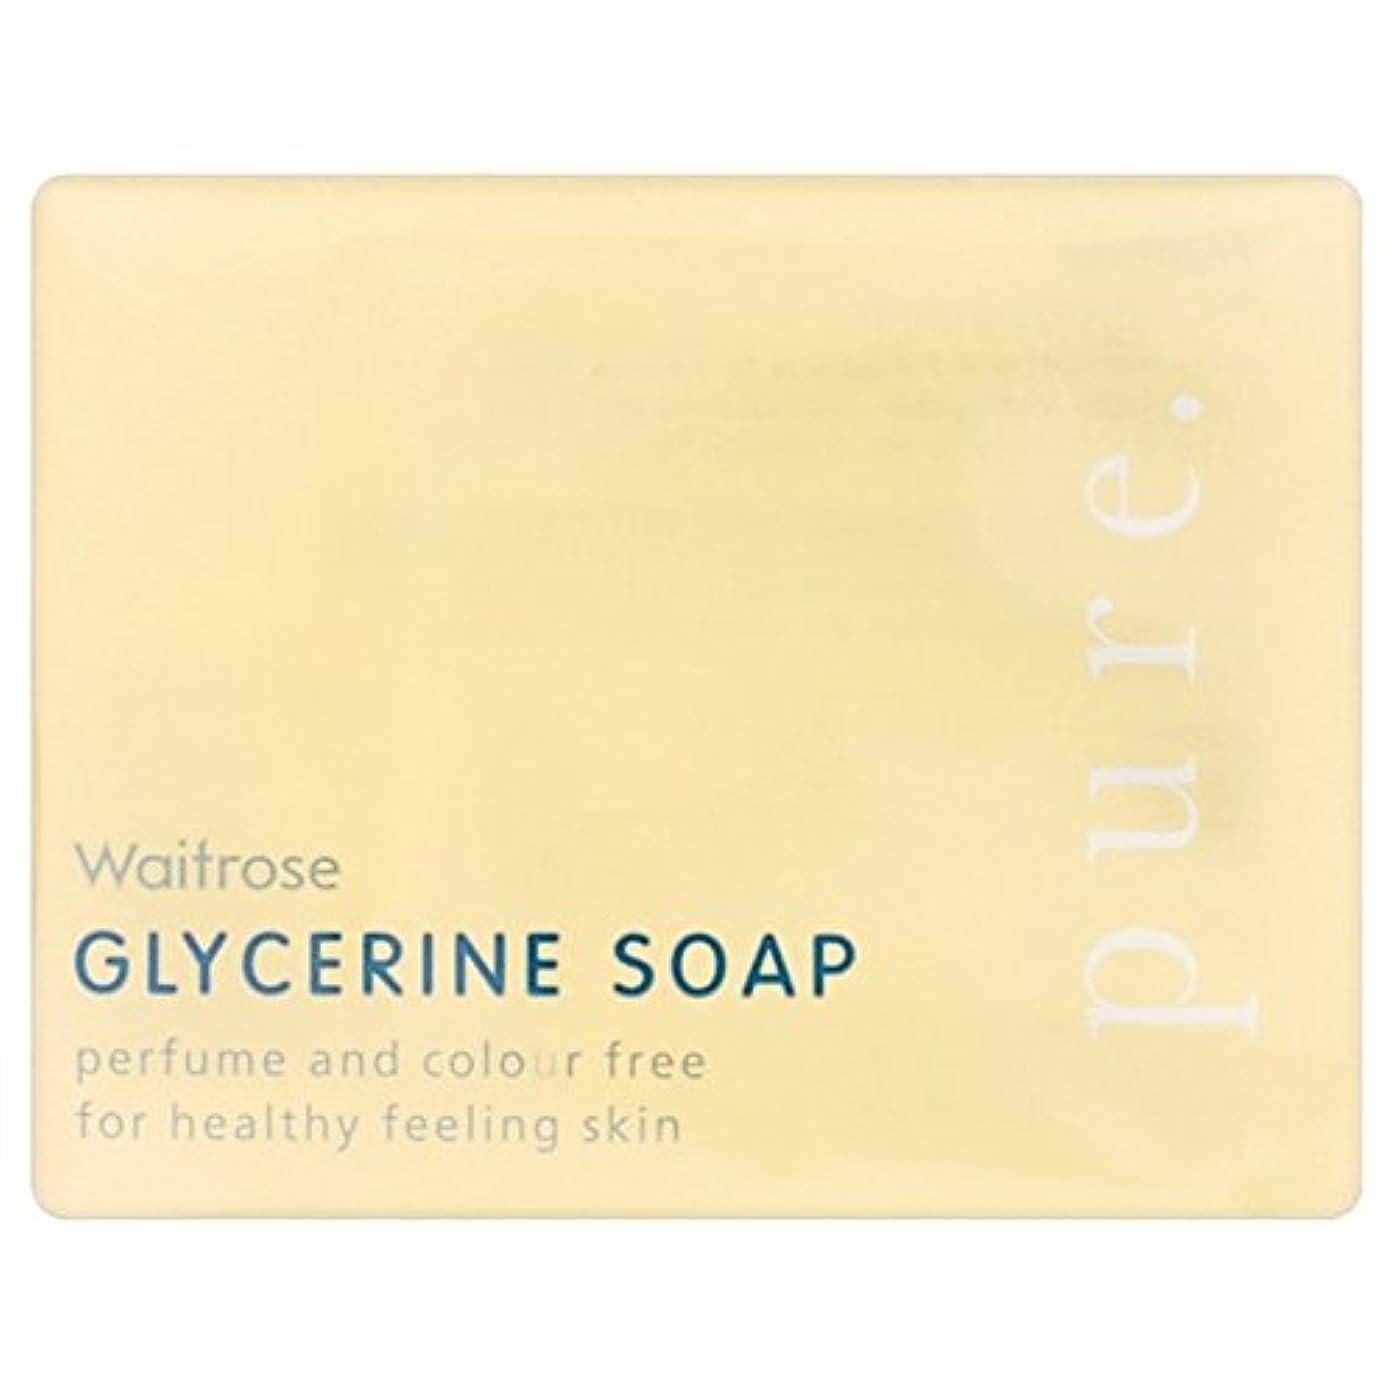 順応性のあるゆでる写真を撮る純粋なグリセリンソープウェイトローズの100グラム x4 - Pure Glycerine Soap Waitrose 100g (Pack of 4) [並行輸入品]